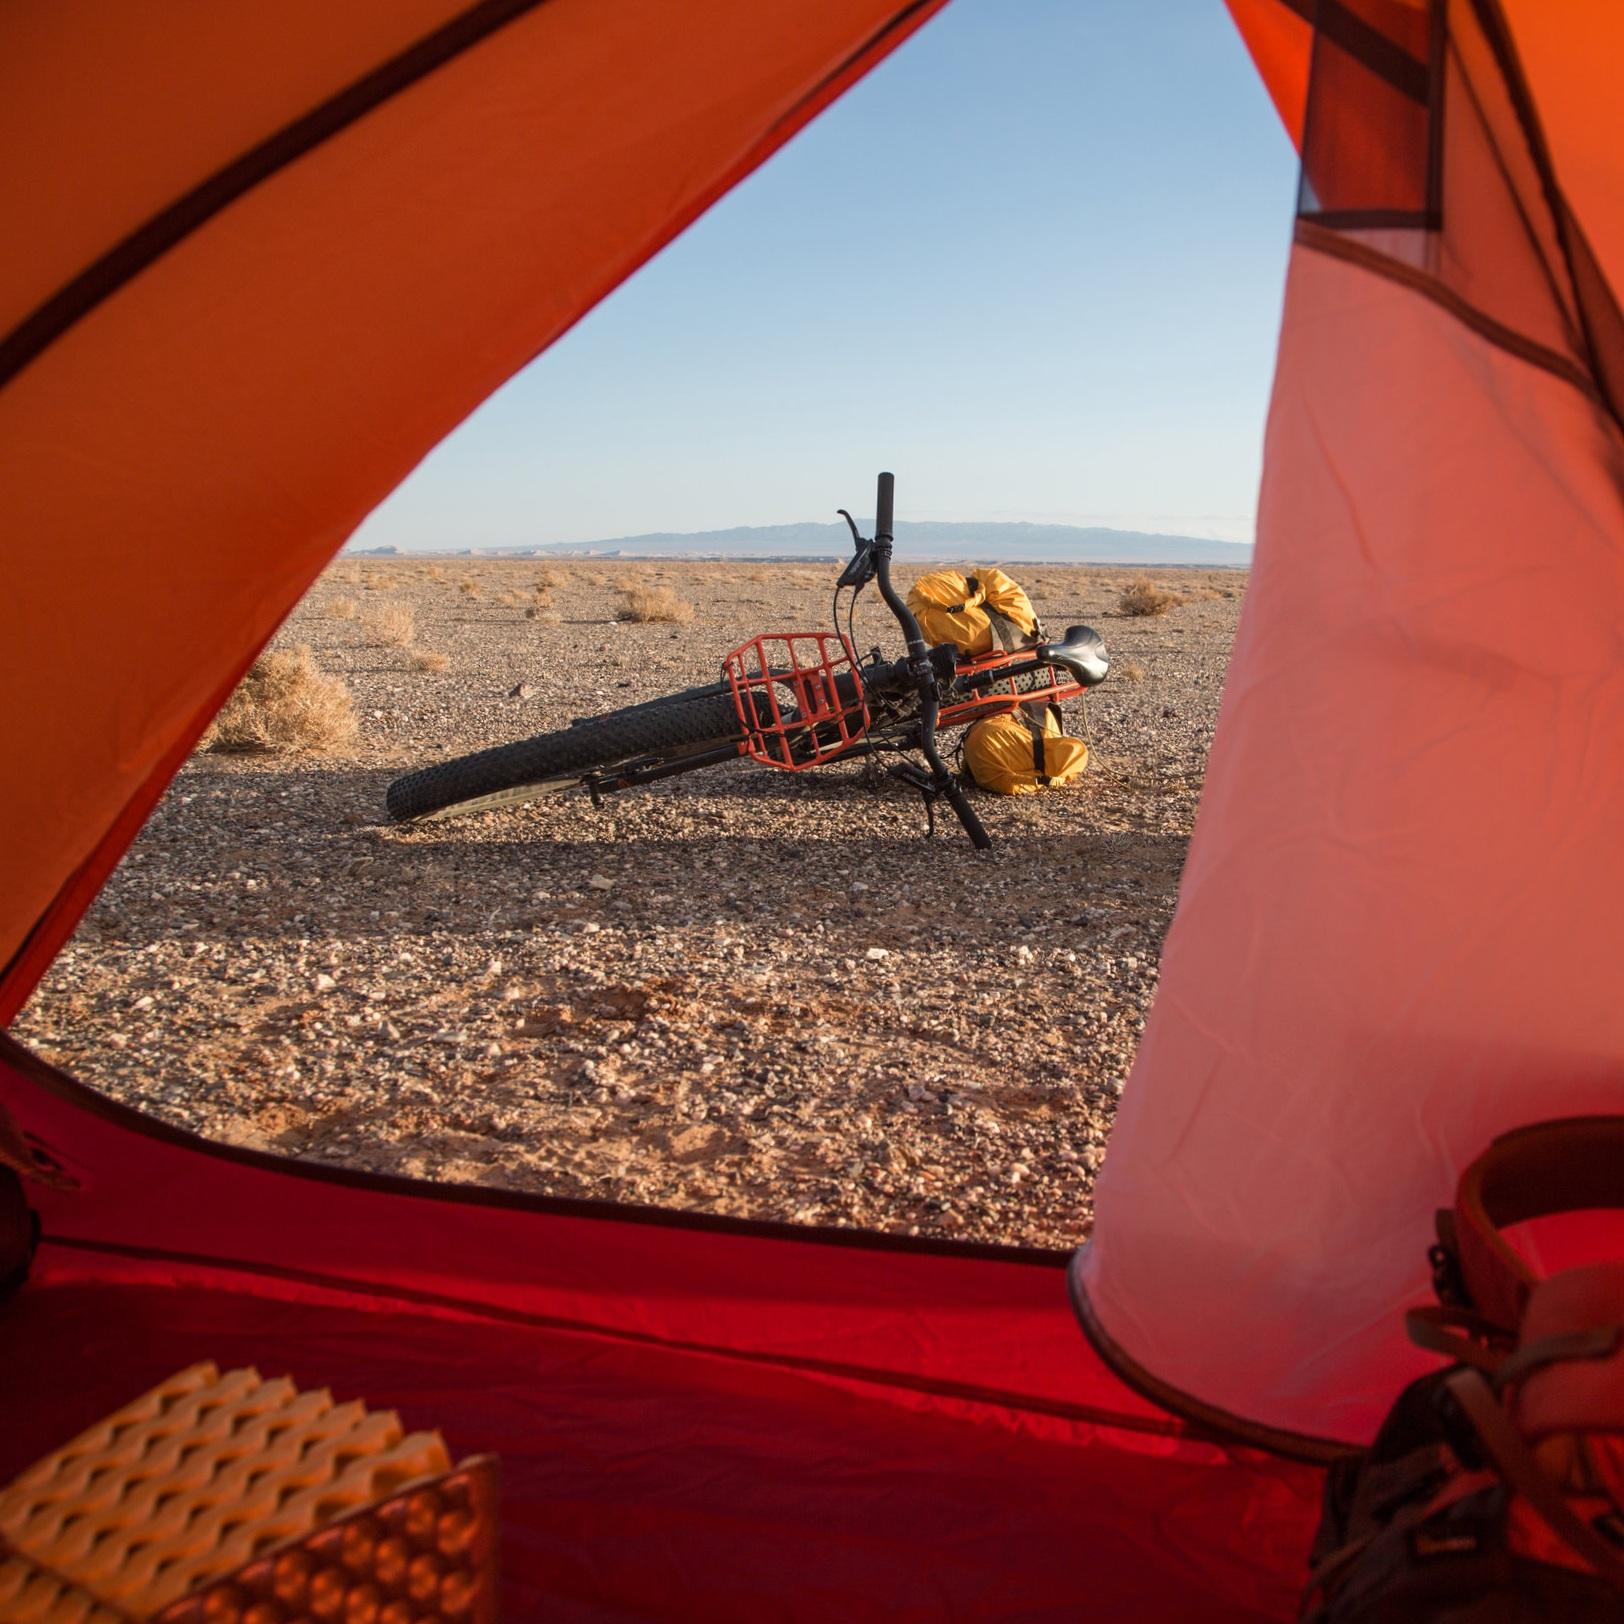 City_1120_Mongolia_Mongolia_5311.jpg